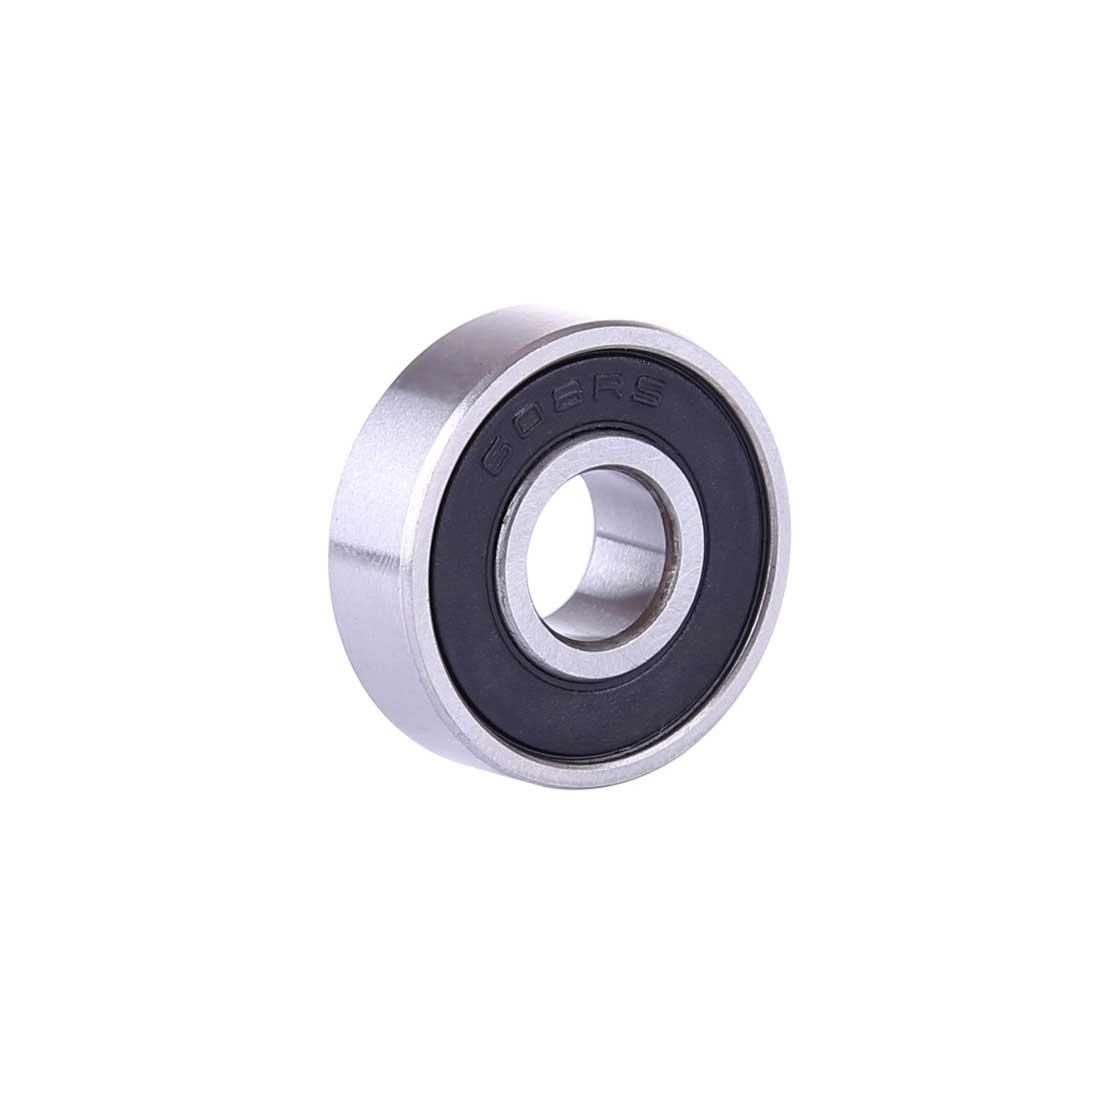 2Pcs 608 Bearings